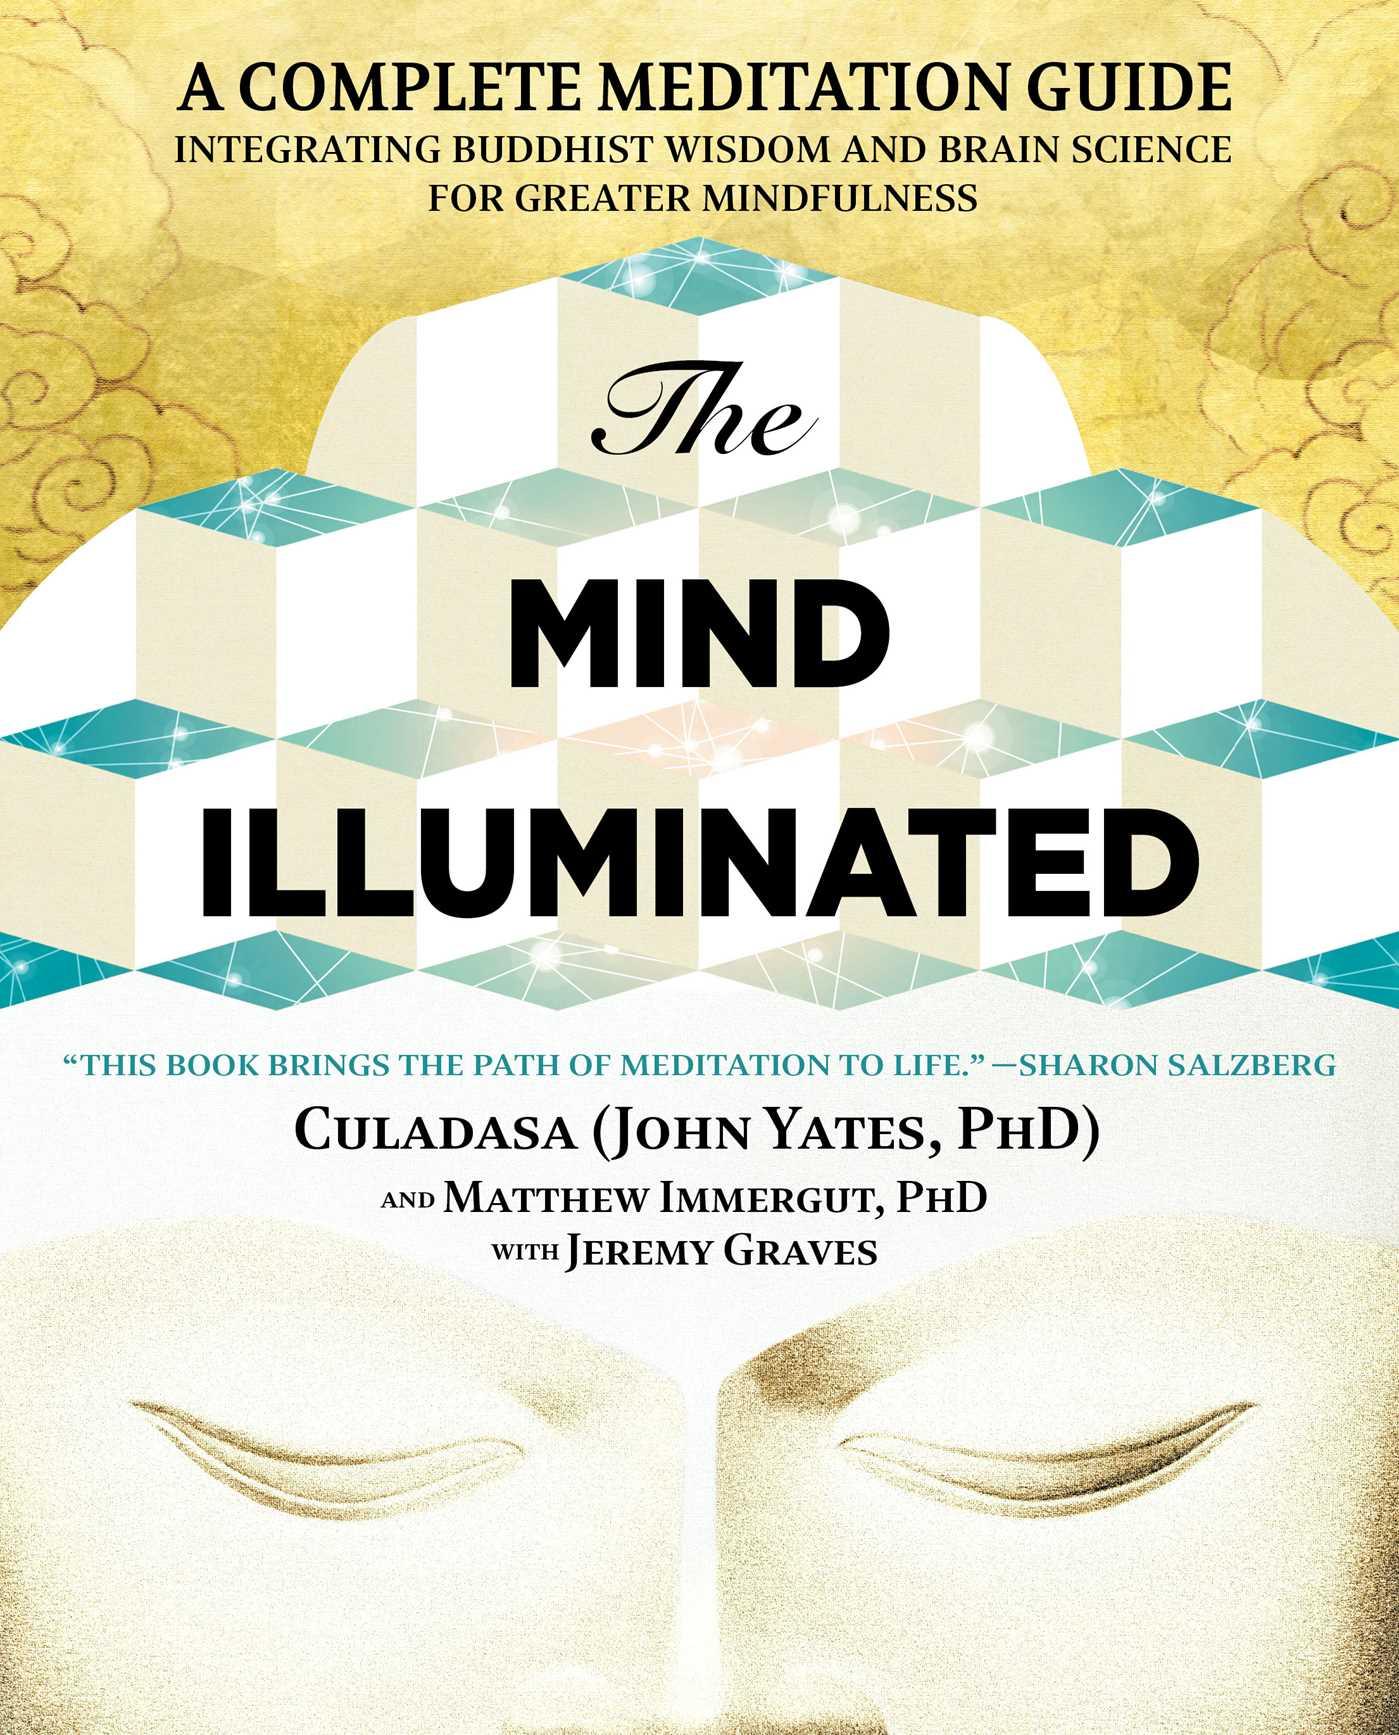 The mind illuminated 9781501156984 hr